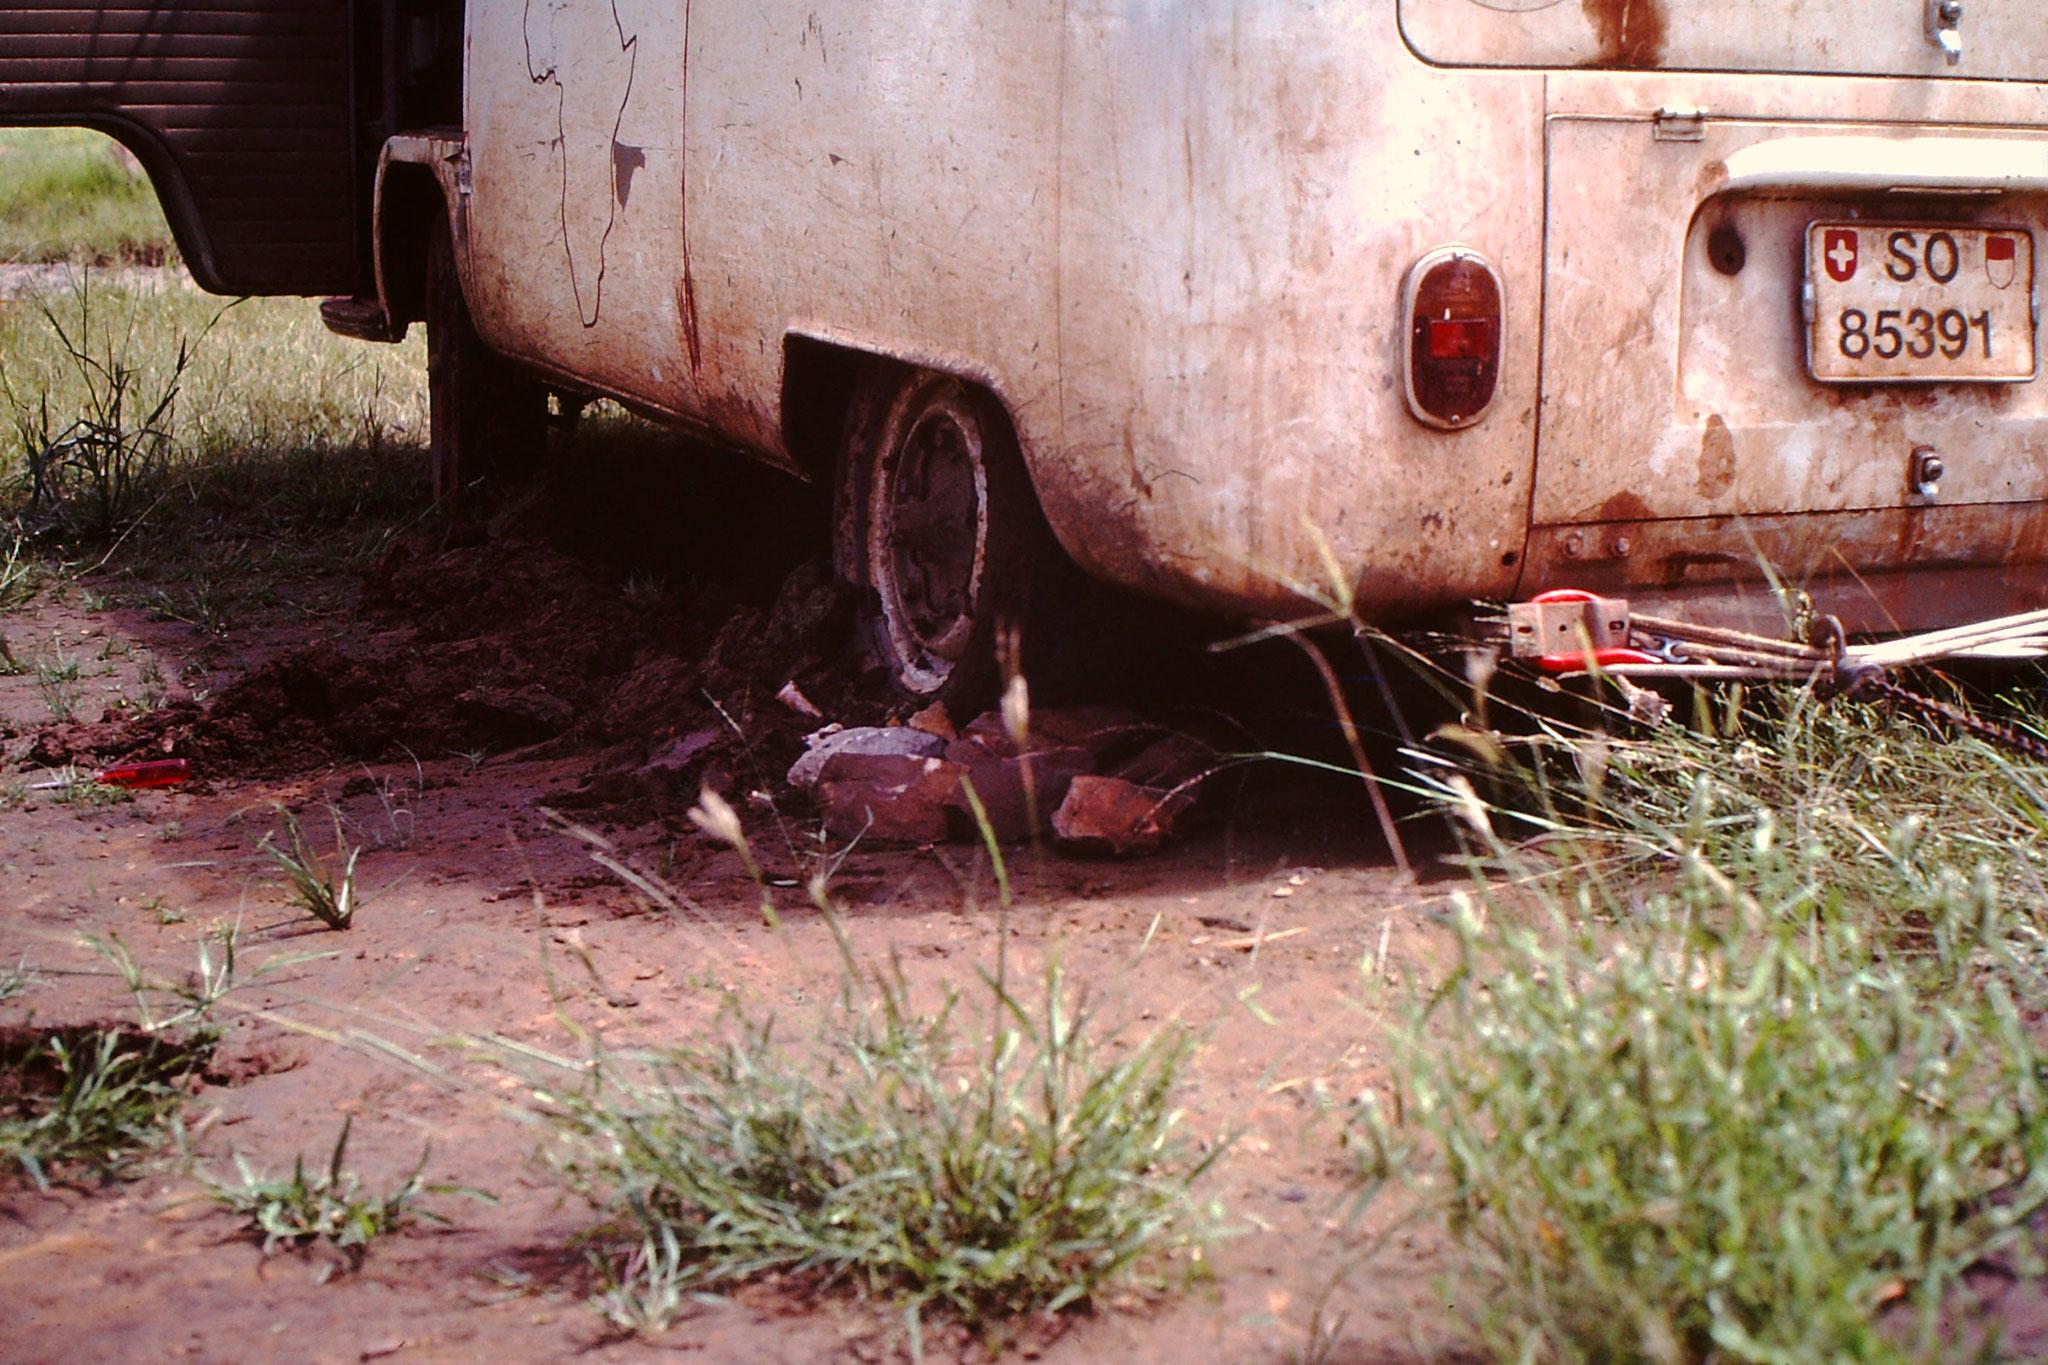 Irgendwie schafften wir es um raus zu kommen. Danach hatten wir genug. Wir wollten zurück nach Bandiagara.